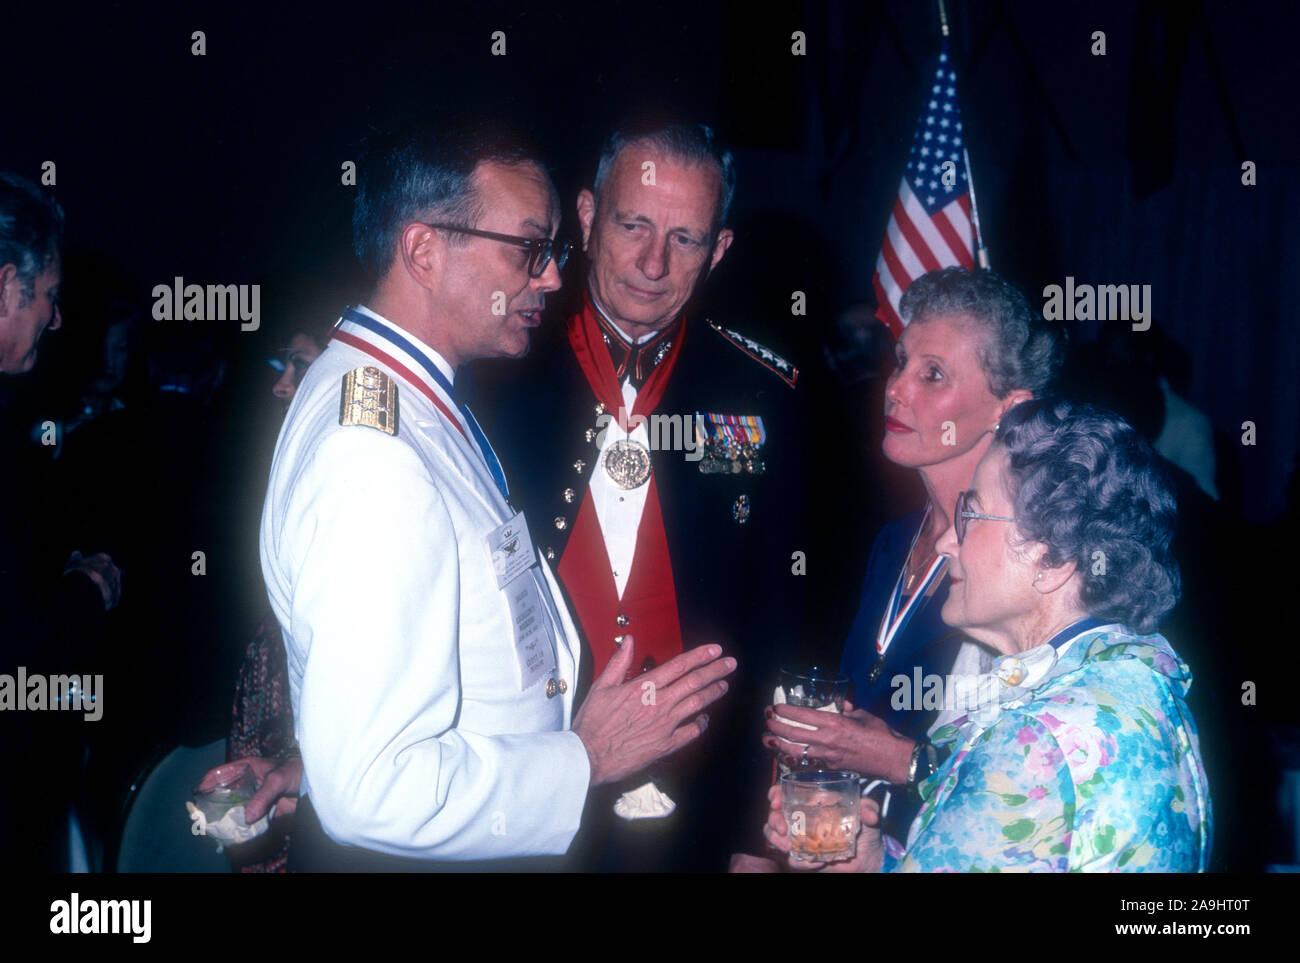 NEW ORLEANS, LA - 24 de junio: el almirante Bobby R. Inman conversaciones con Susie Sharp durante 1982 la Academia de Logros Premios placa de oro el 24 de junio de 1982 en Nueva Orleans, Luisiana. (Foto por Hy Peskin) *** Local Caption *** Bobby R. Inman;Susie Sharp Foto de stock